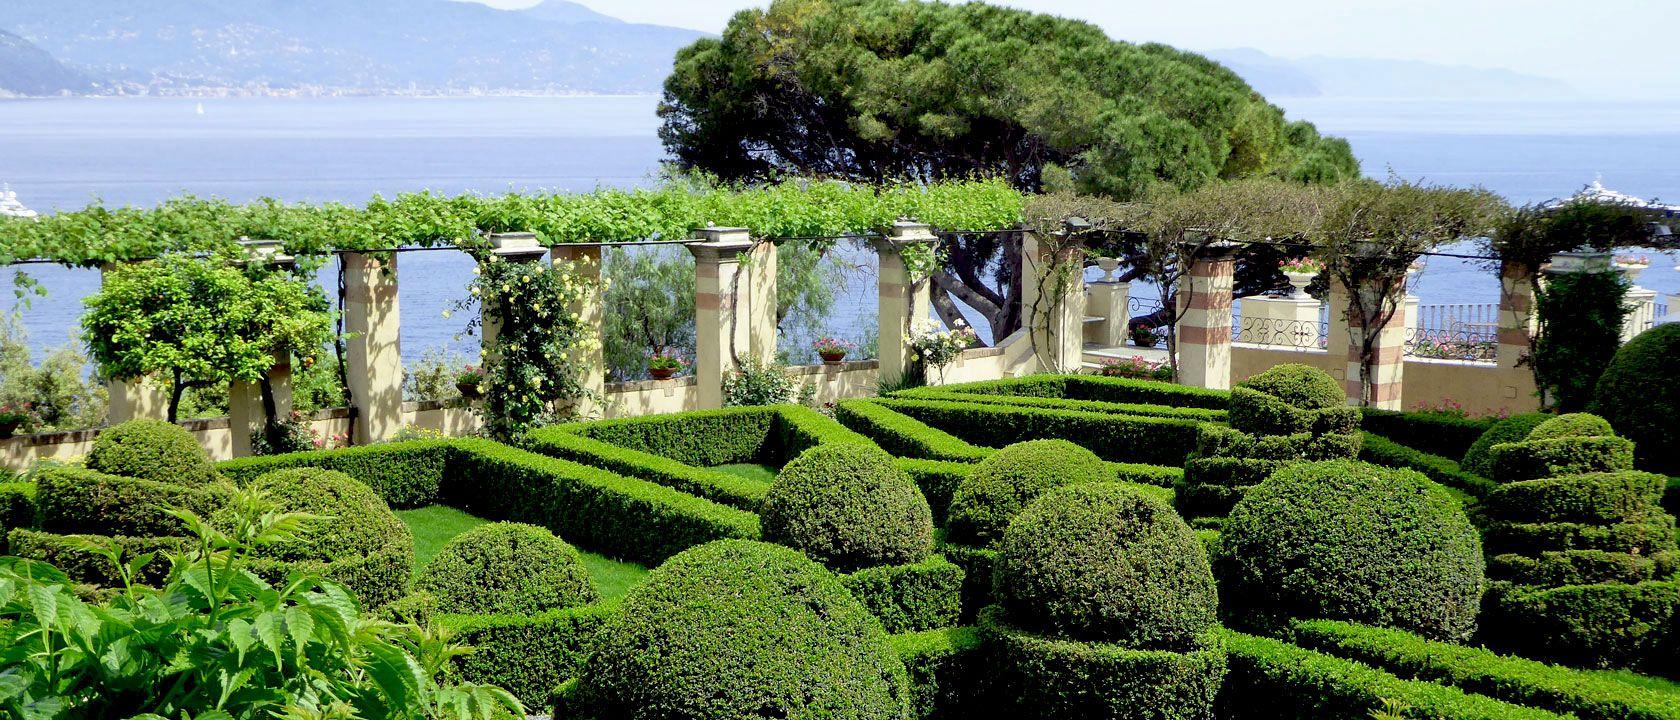 Gradina manastirii San Girolamo - Portofino